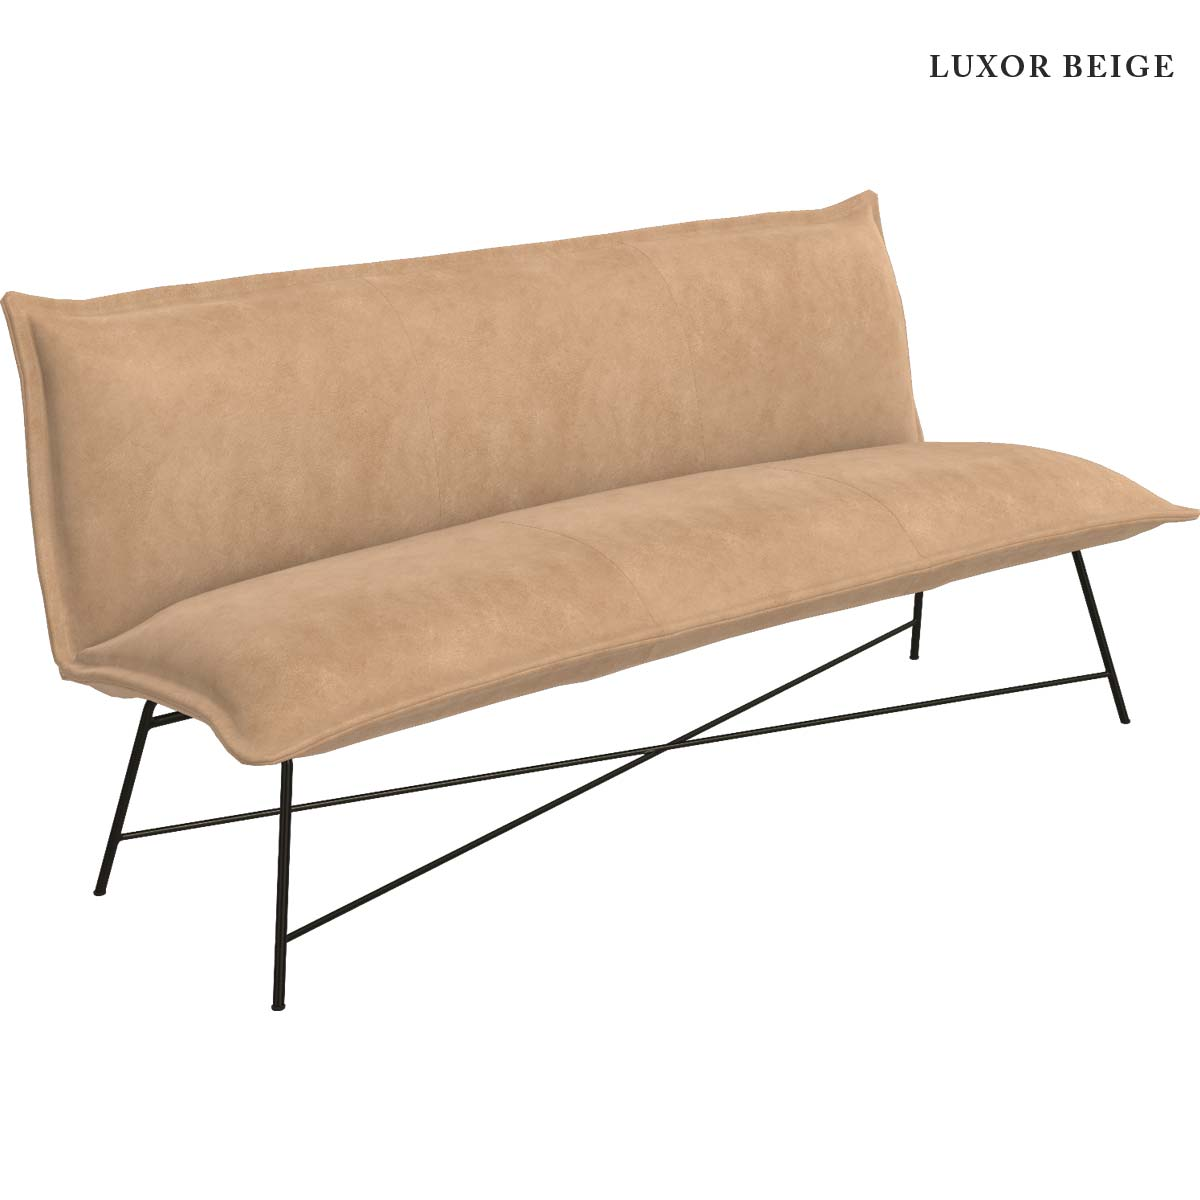 jess-design-essbank-vidar-luxor-beige-lichtraum24-01